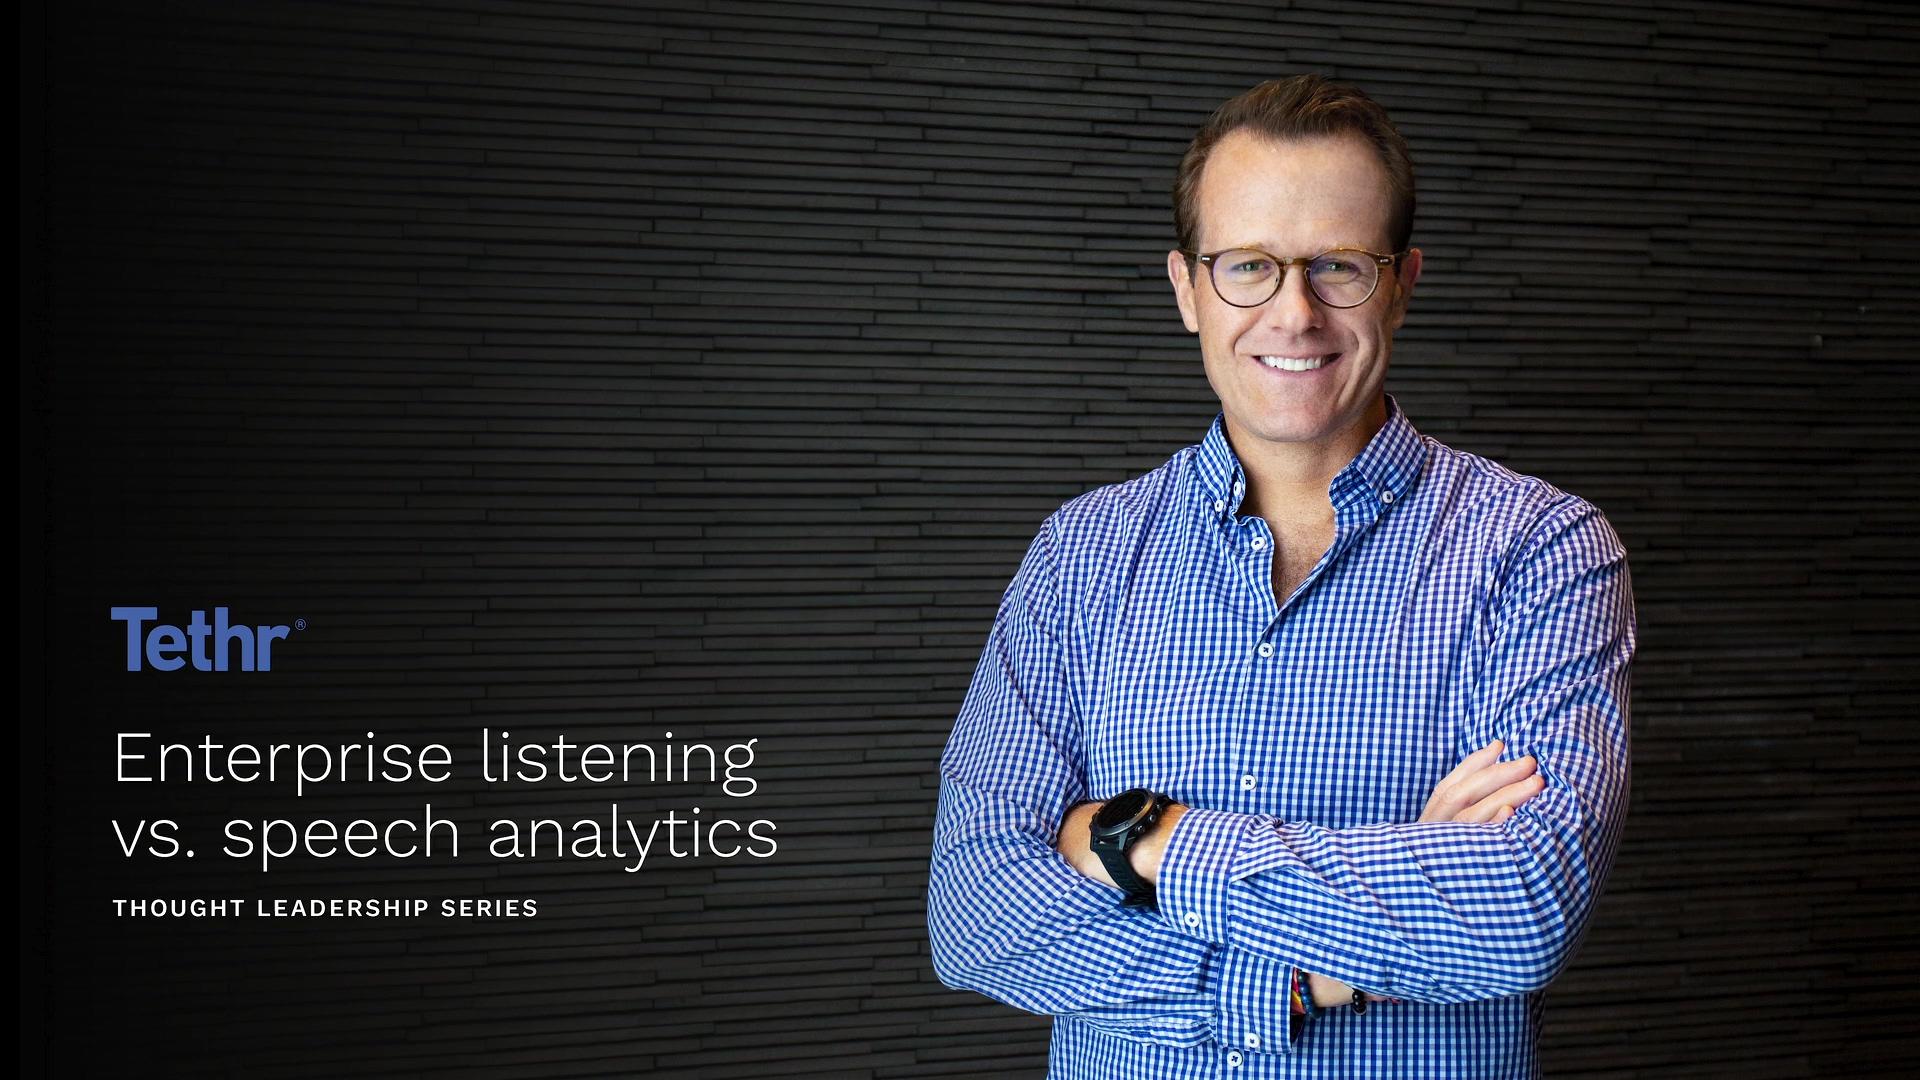 Tethr - Enterprise Listening vs Speech Analytics